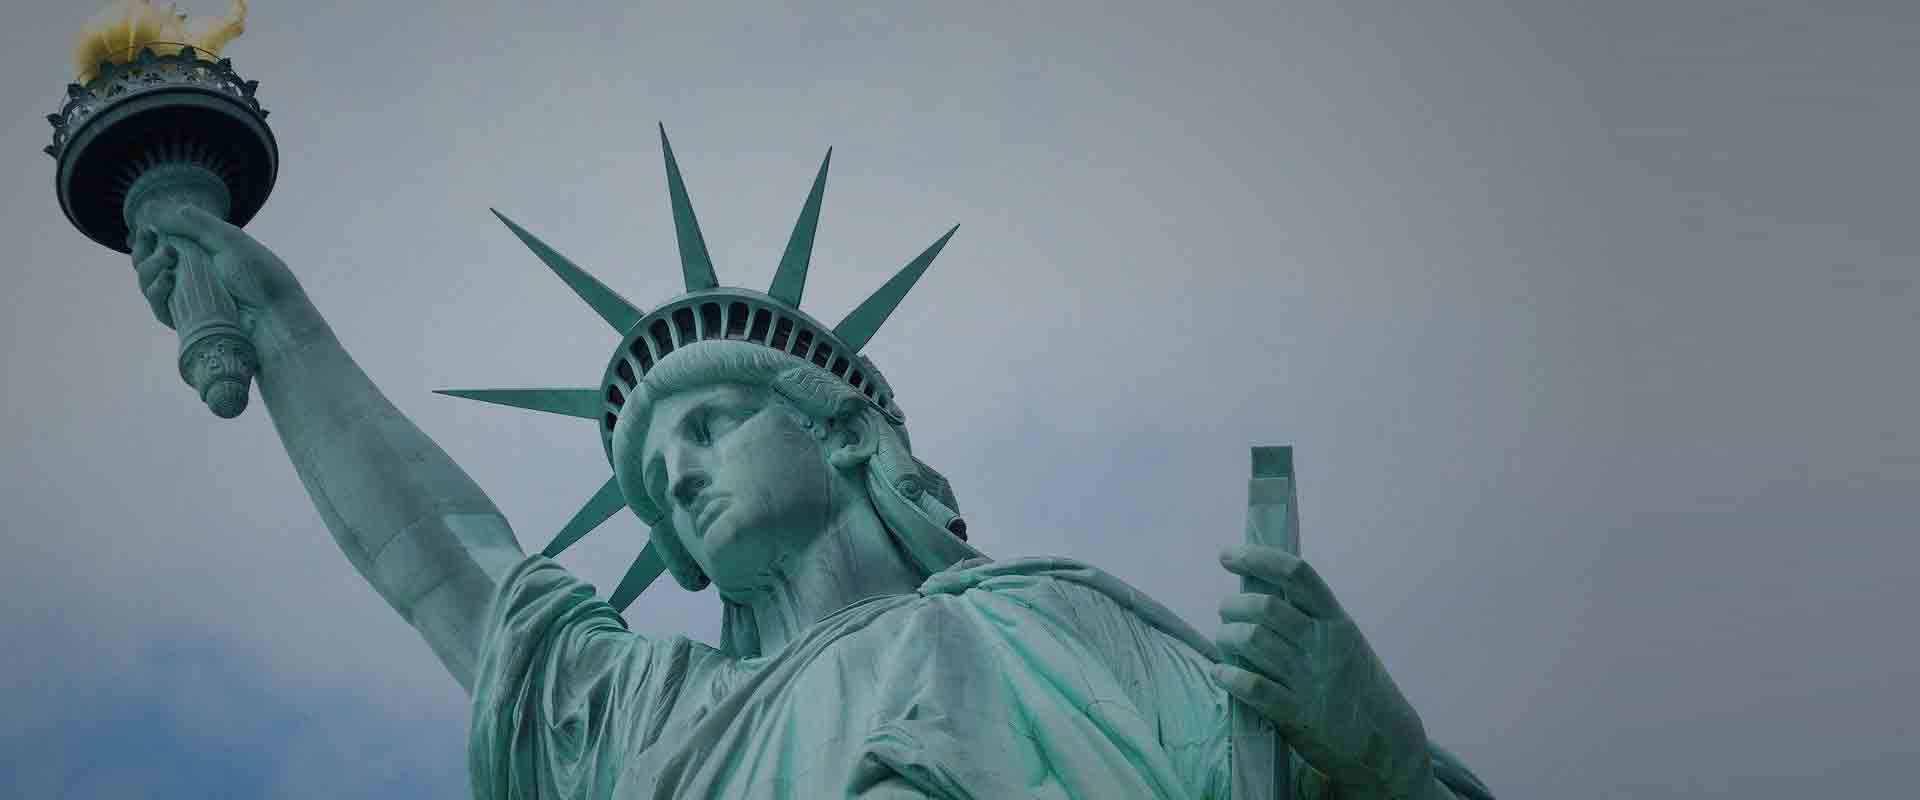 L'autorisation ESTA : Formalité indispensable pour voyager aux Etats-Unis